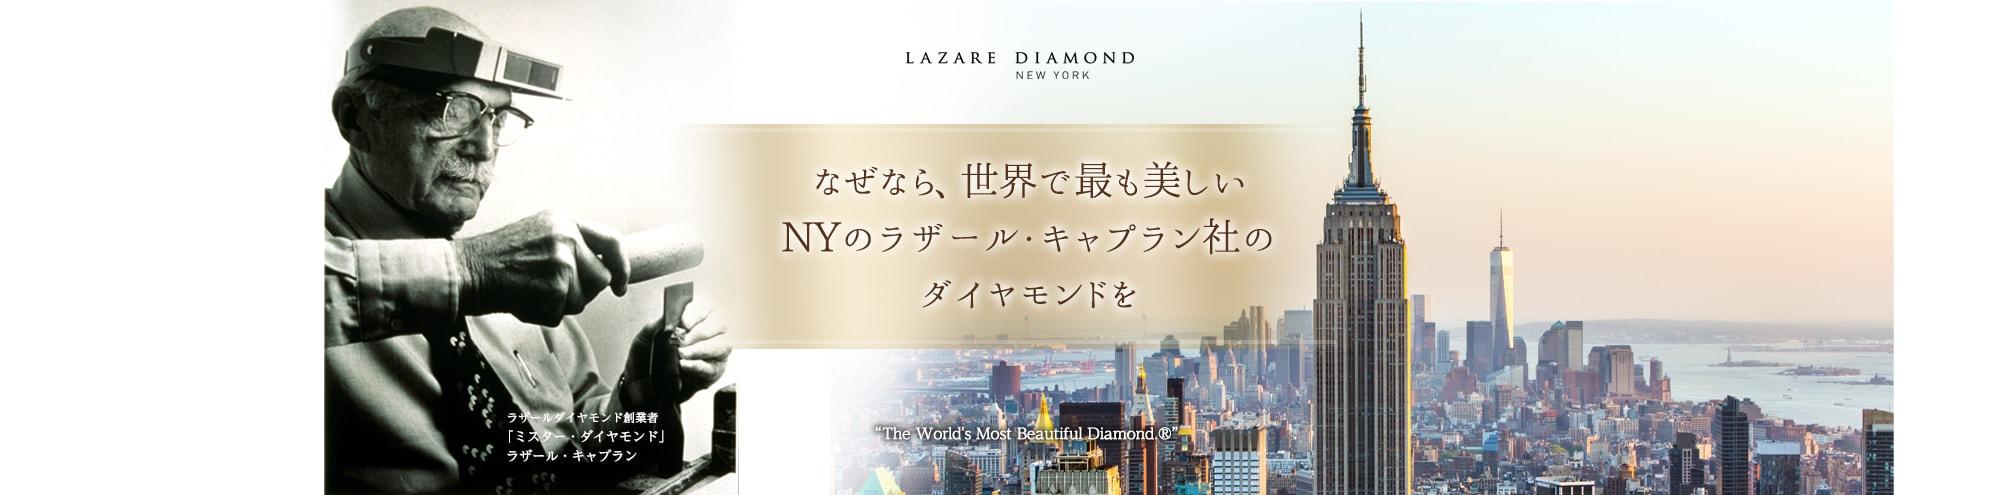 なぜなら、世界で最も美しいNYのラザール・キャプラン社のダイヤモンドを